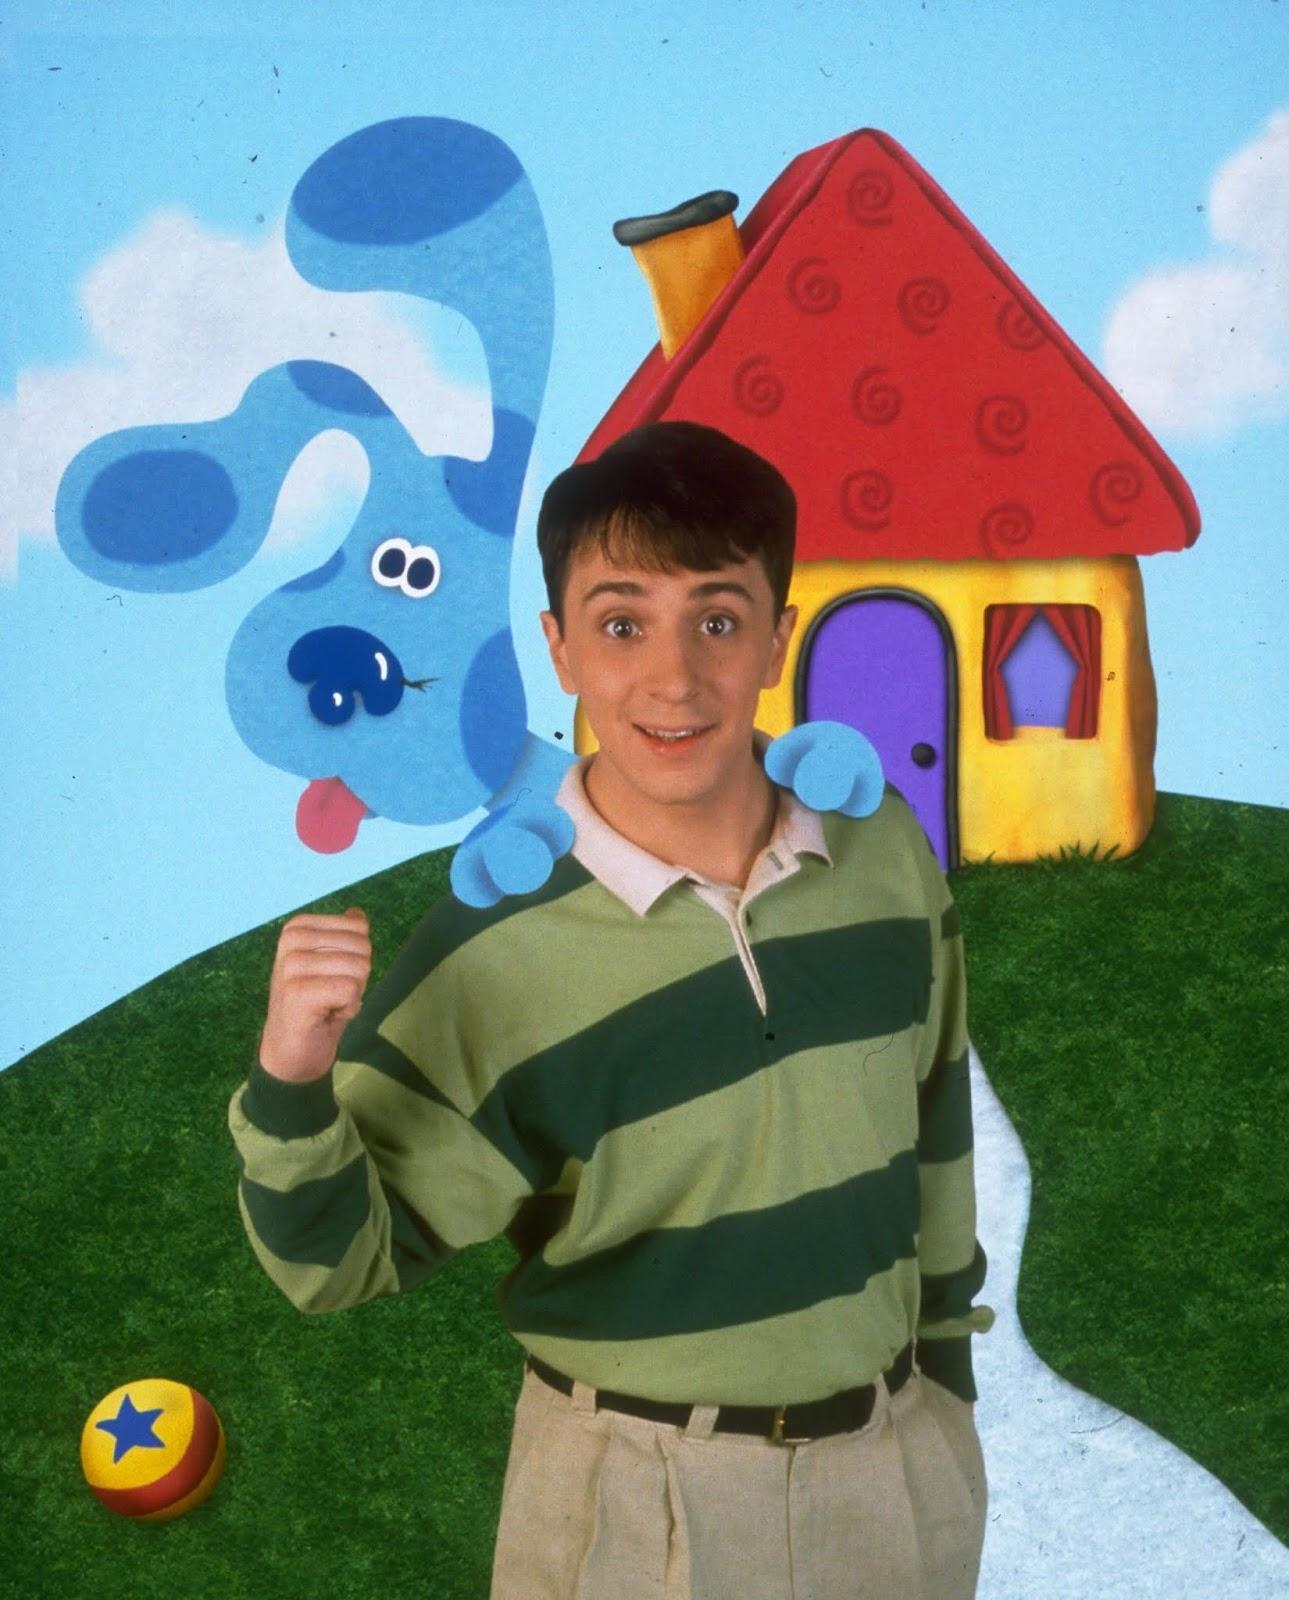 Steve Nickelodeon : steve, nickelodeon, NickALive!:, Steve, Burns, Nickelodeon's, 'Blue's, Clues'